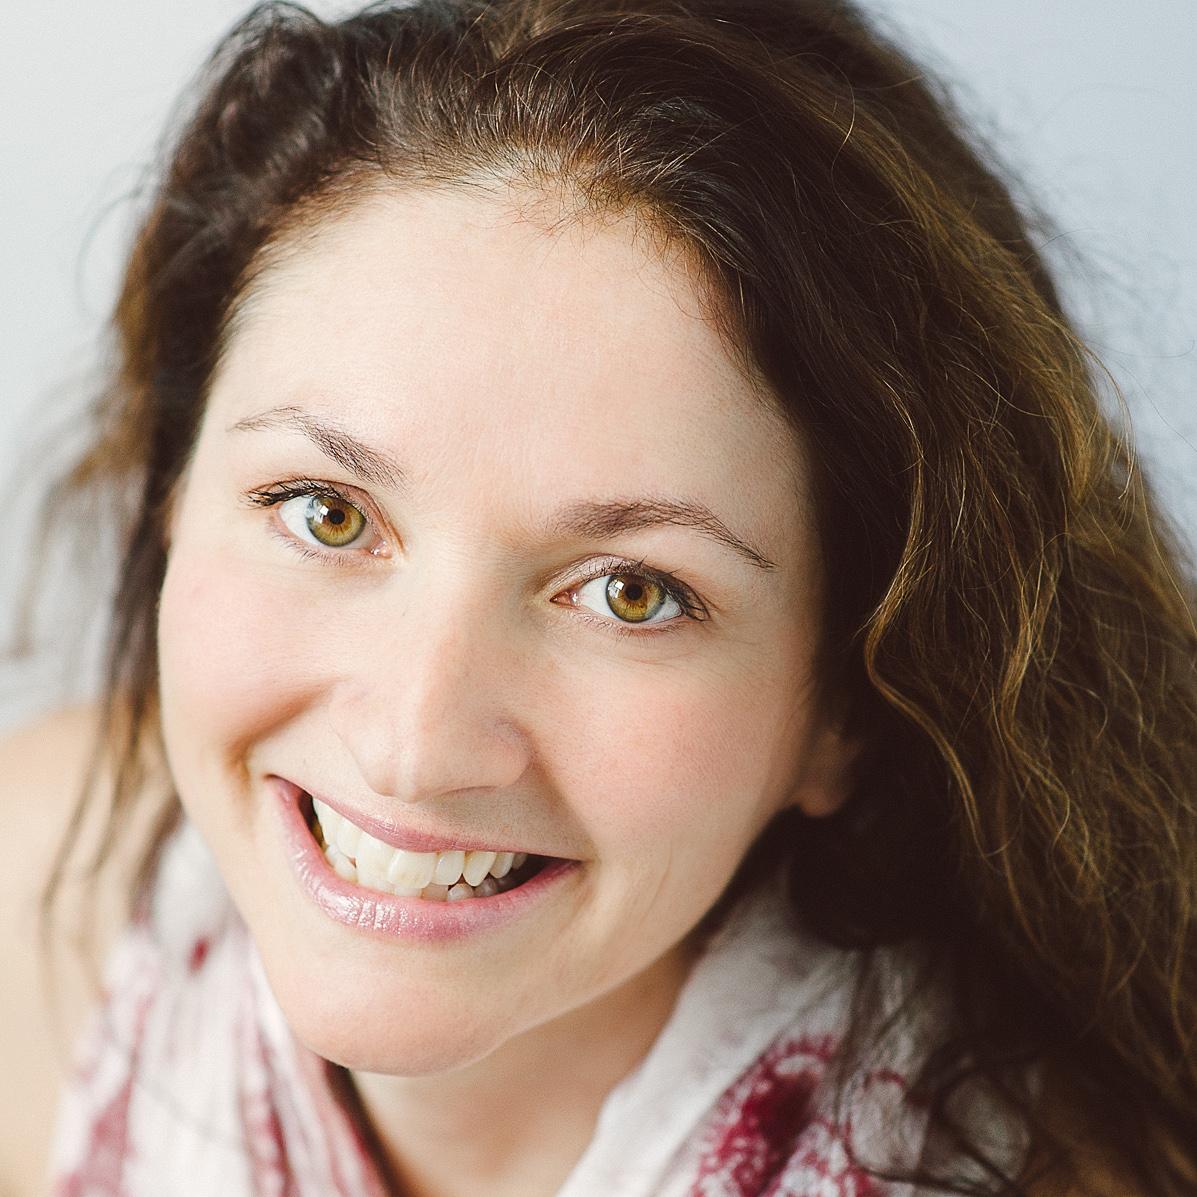 Kinndli, the Power Yoga Canada Instructor, smiling